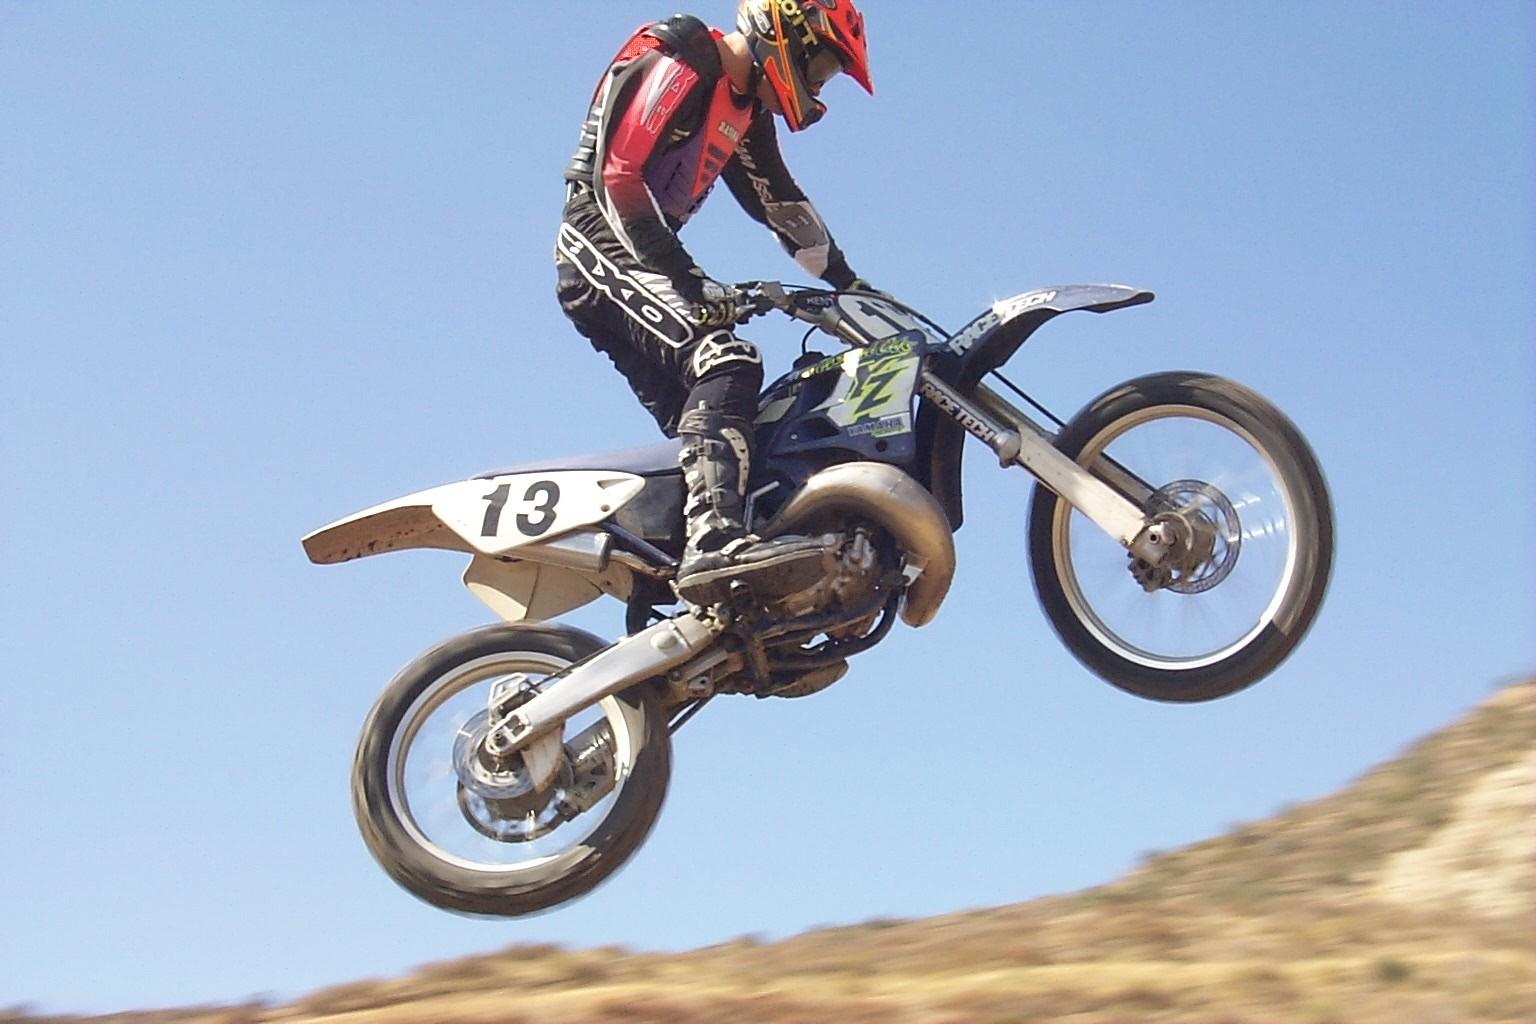 P13-6410 - MXR2NV - Motocross Pictures - Vital MX